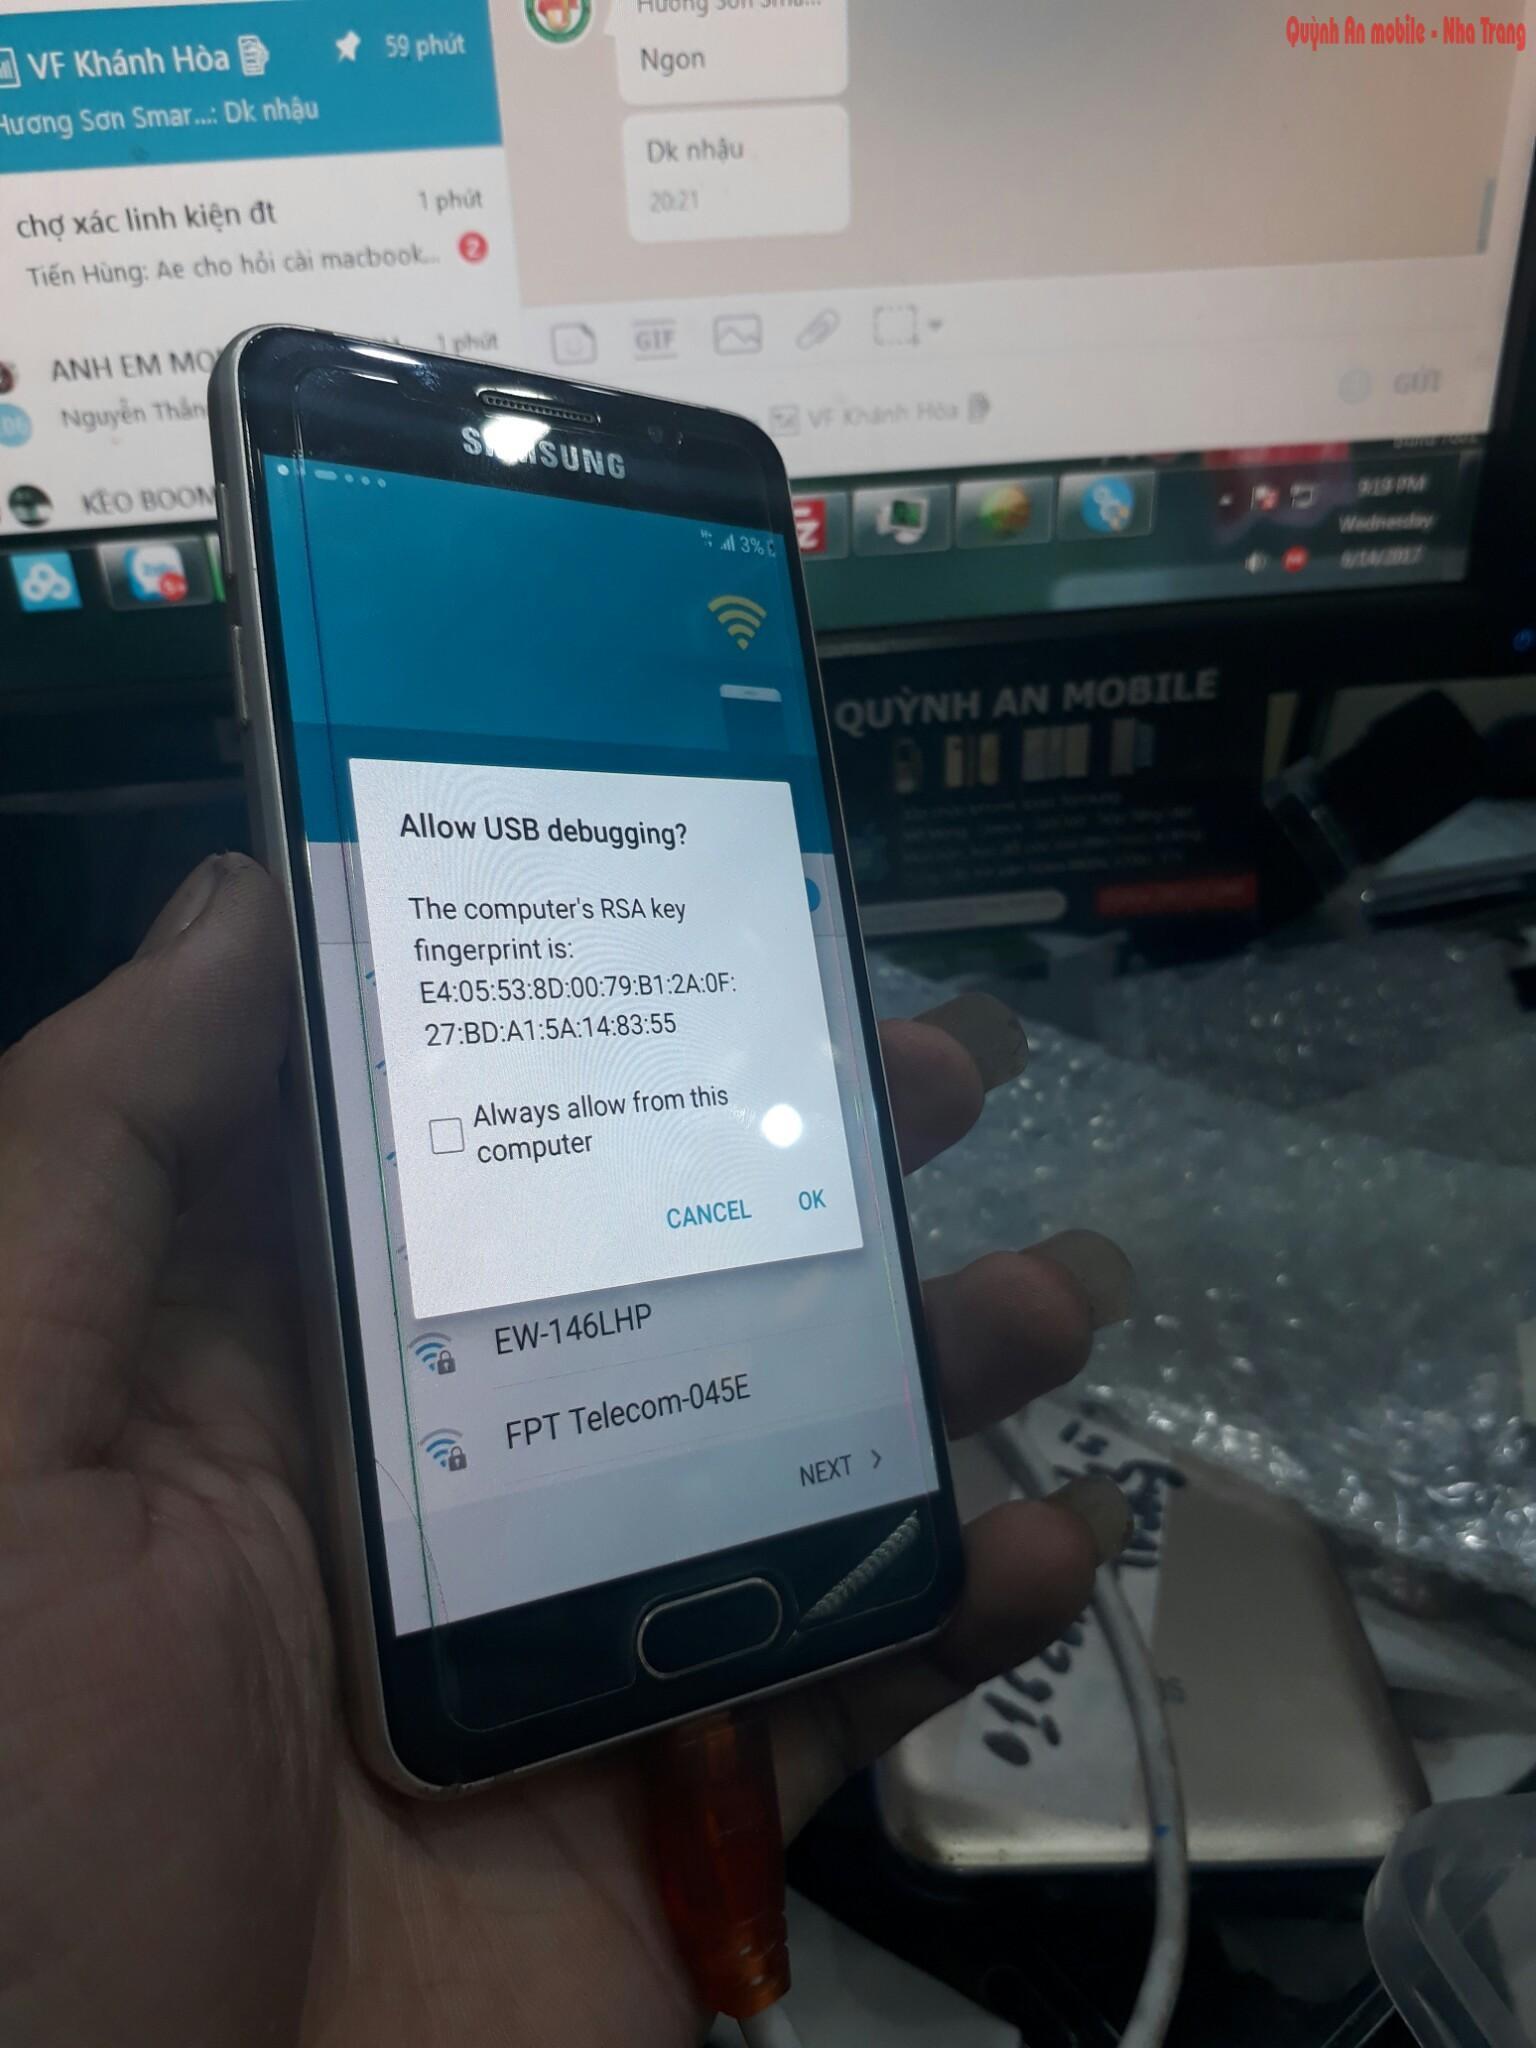 Xóa xác minh tài khoản google A3 2016 bằng thiết bị chuyên dụng tại Quỳnh An Mobile